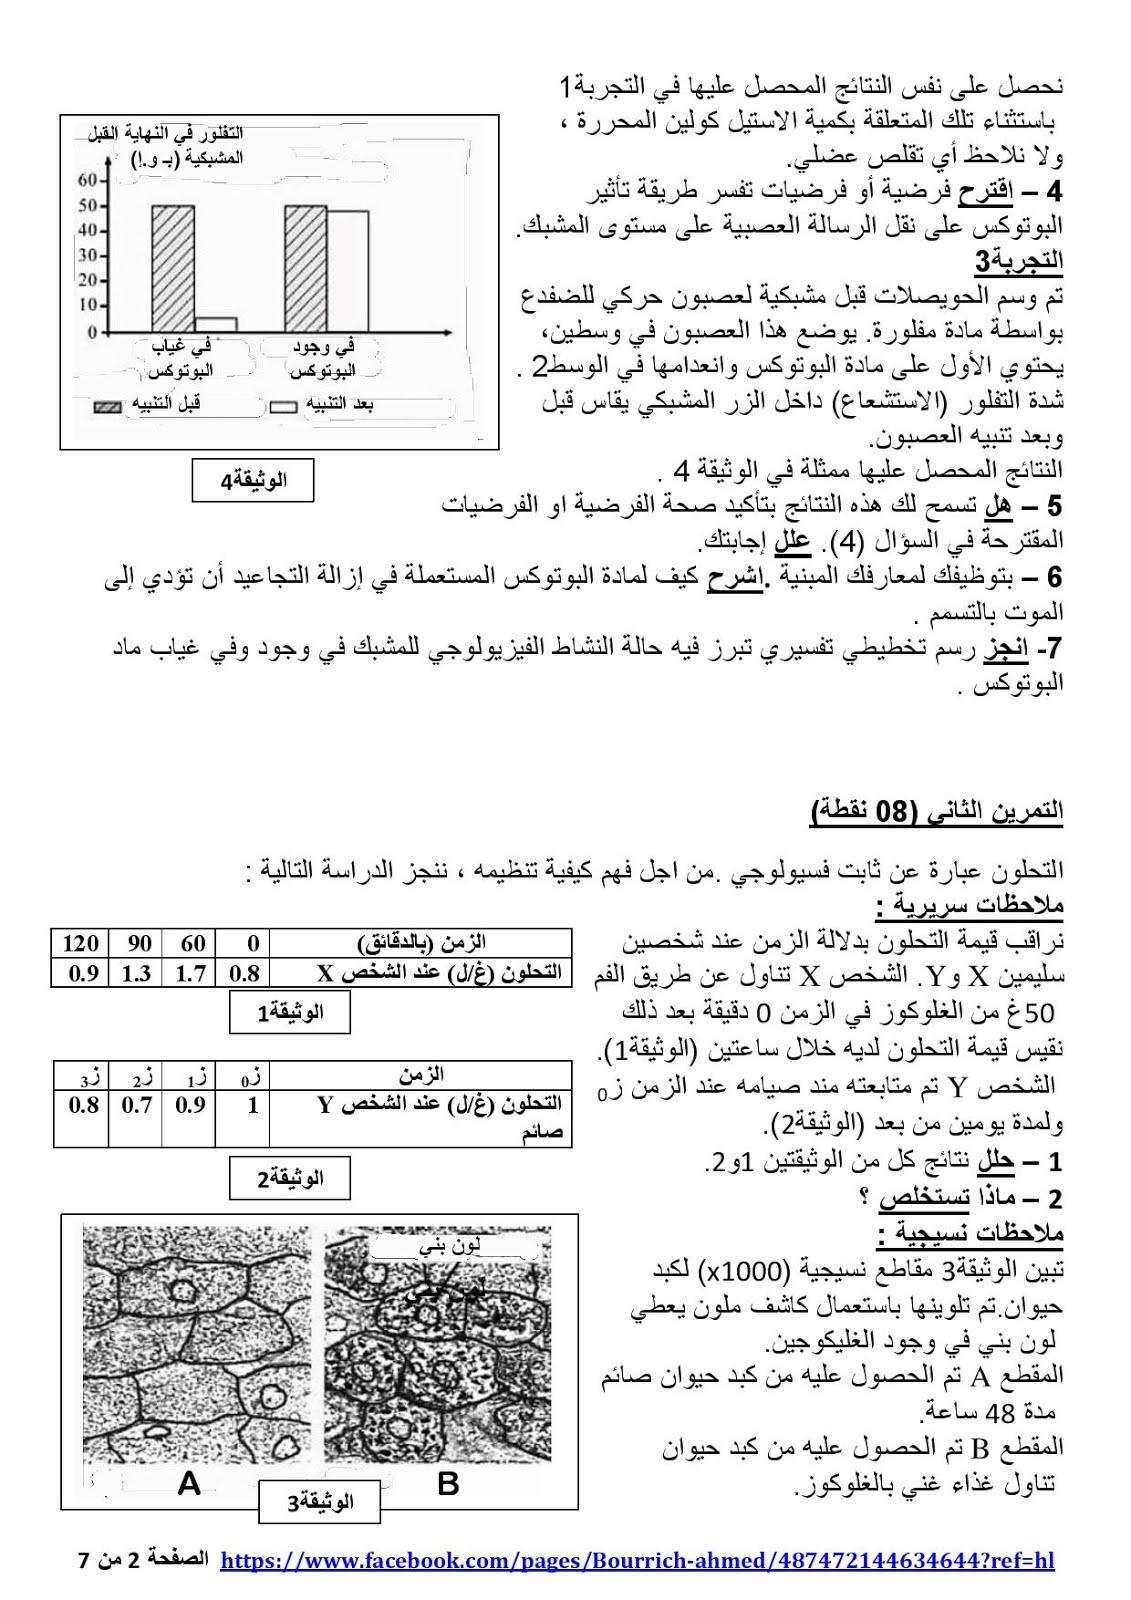 اختبار العلوم الطبيعية للسنة الثانية ثانوي الفصل الأول